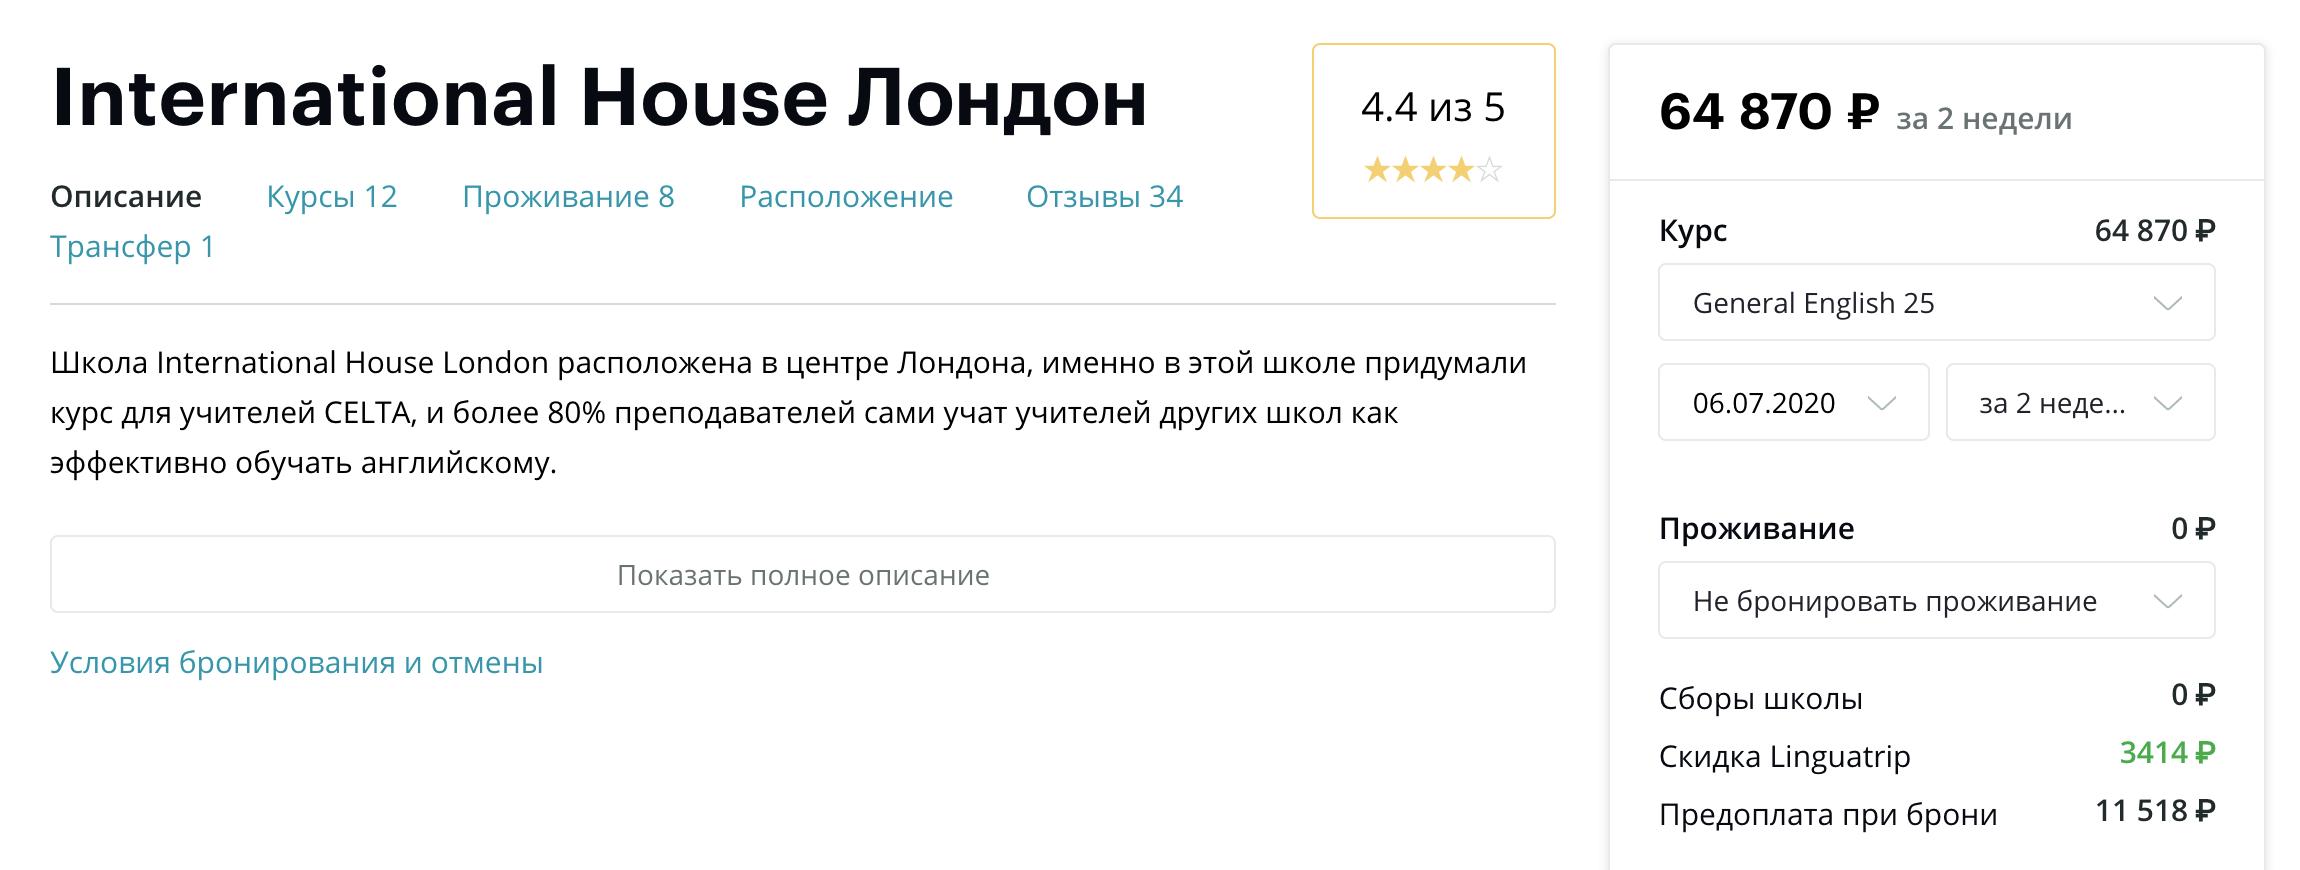 Курс в школе International House London на сайте Linguatrip на момент публикации статьи стоит 64 870<span class=ruble>Р</span>. Я пообщался с их менеджером: дополнительных скидок они не делают